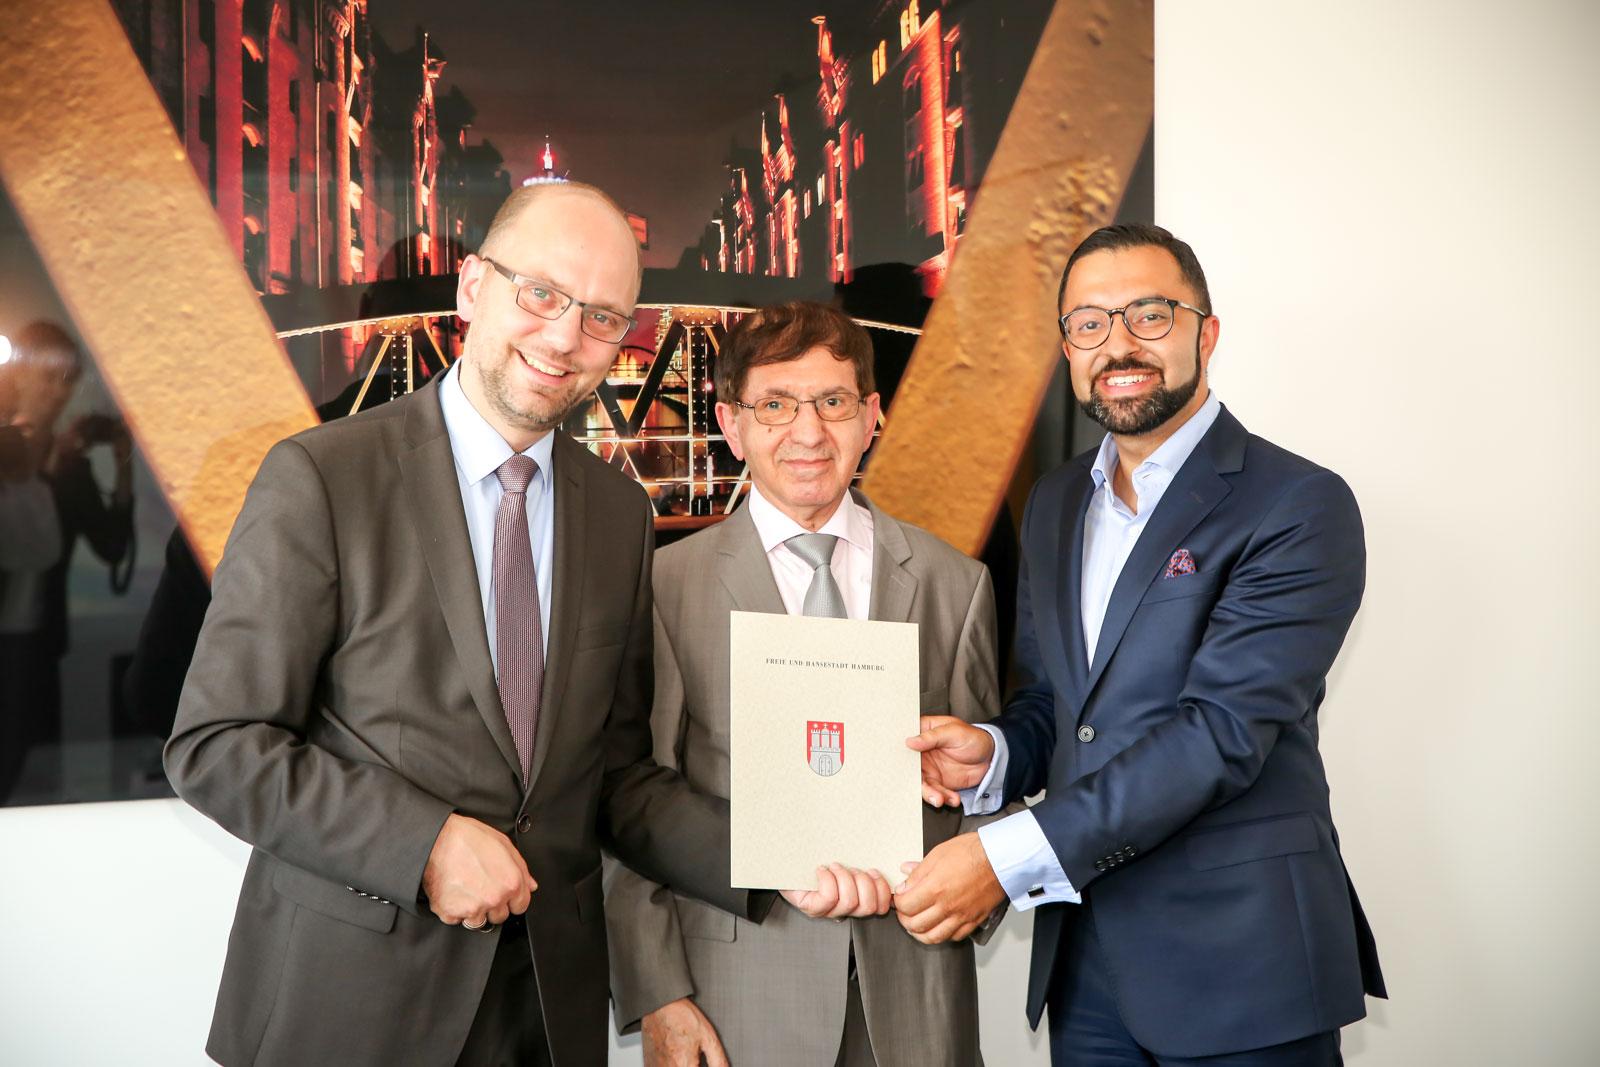 Justizsenator übernimmt Patenschaft für Nader Etmenan Stiftung